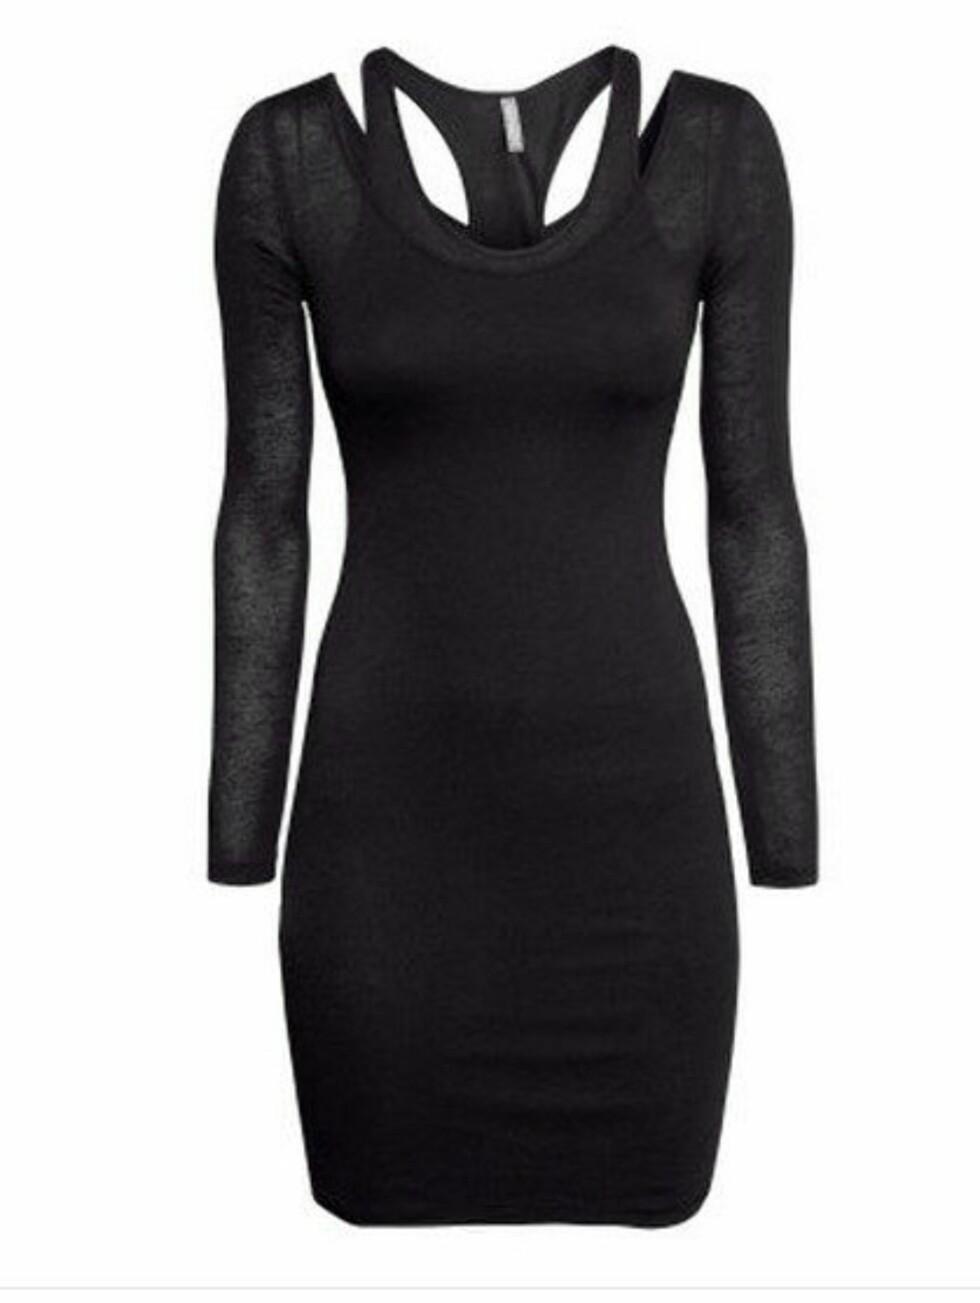 Svart kjole med lekkert utsnitt i ryggen. 199 kroner, Hm.com.  Foto: Produsenten